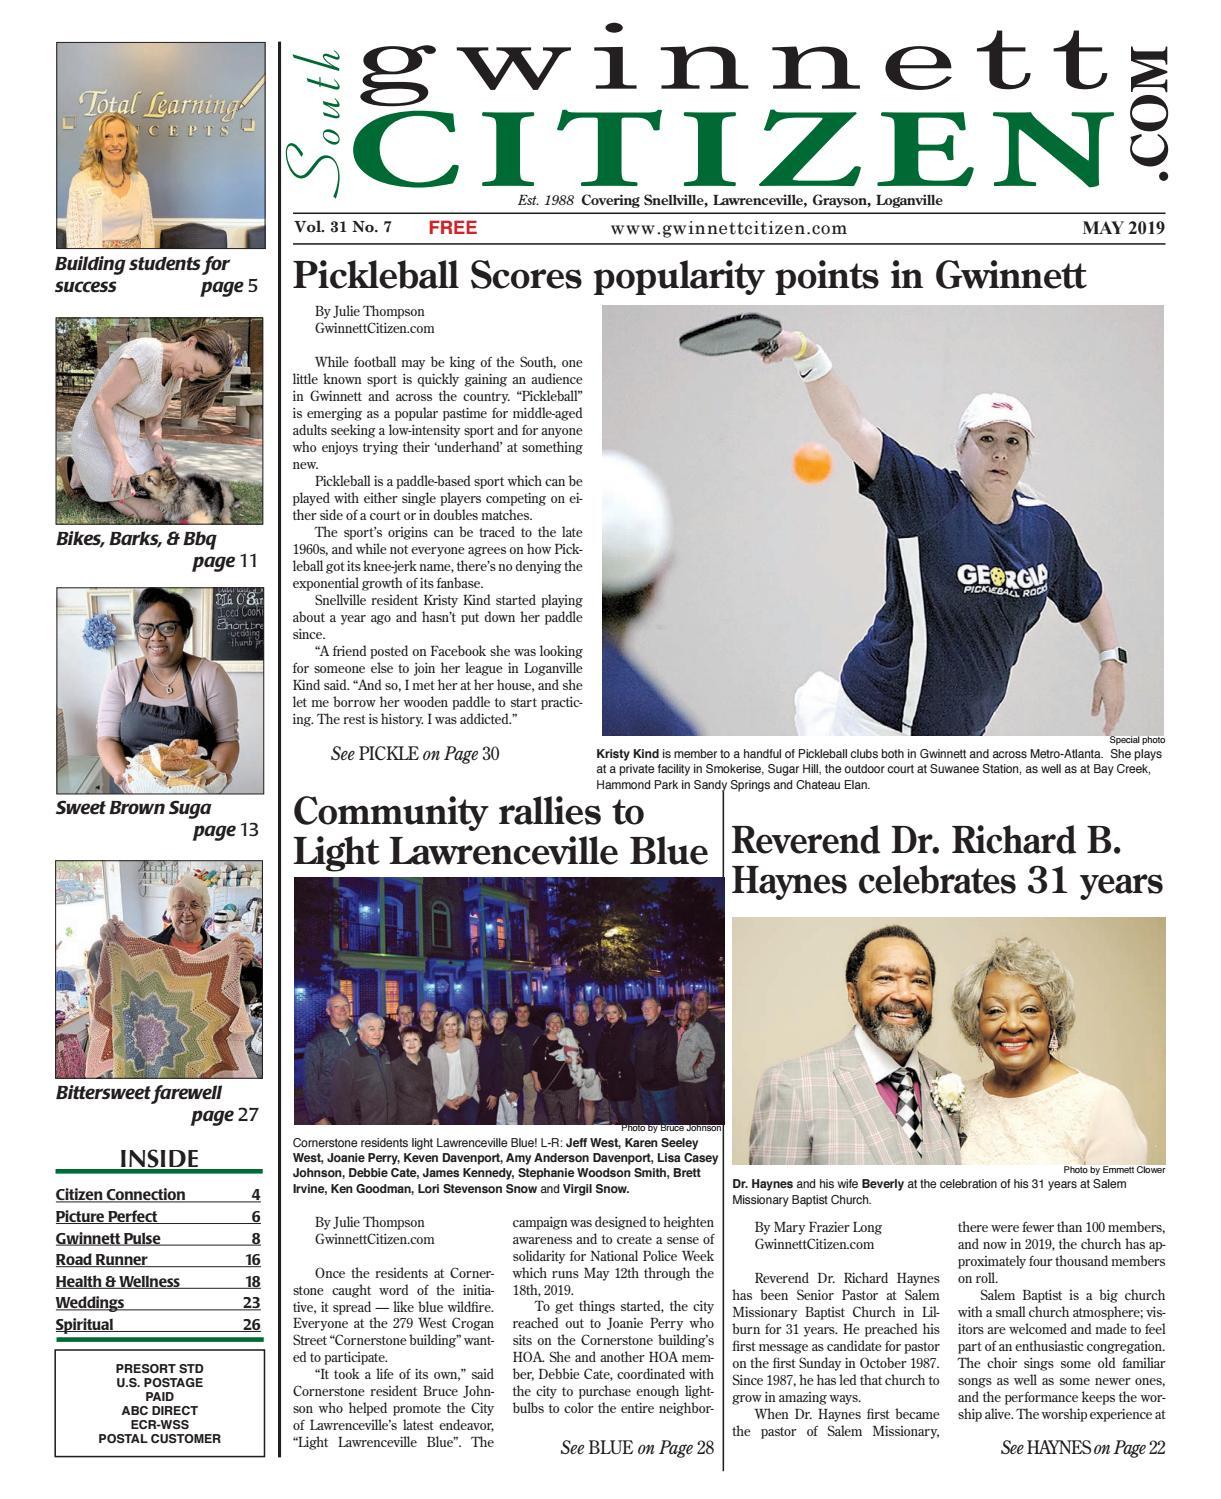 22f6e63a7907 Gwinnett Citizen South May 2019 by GwinnettCitizen.com - issuu